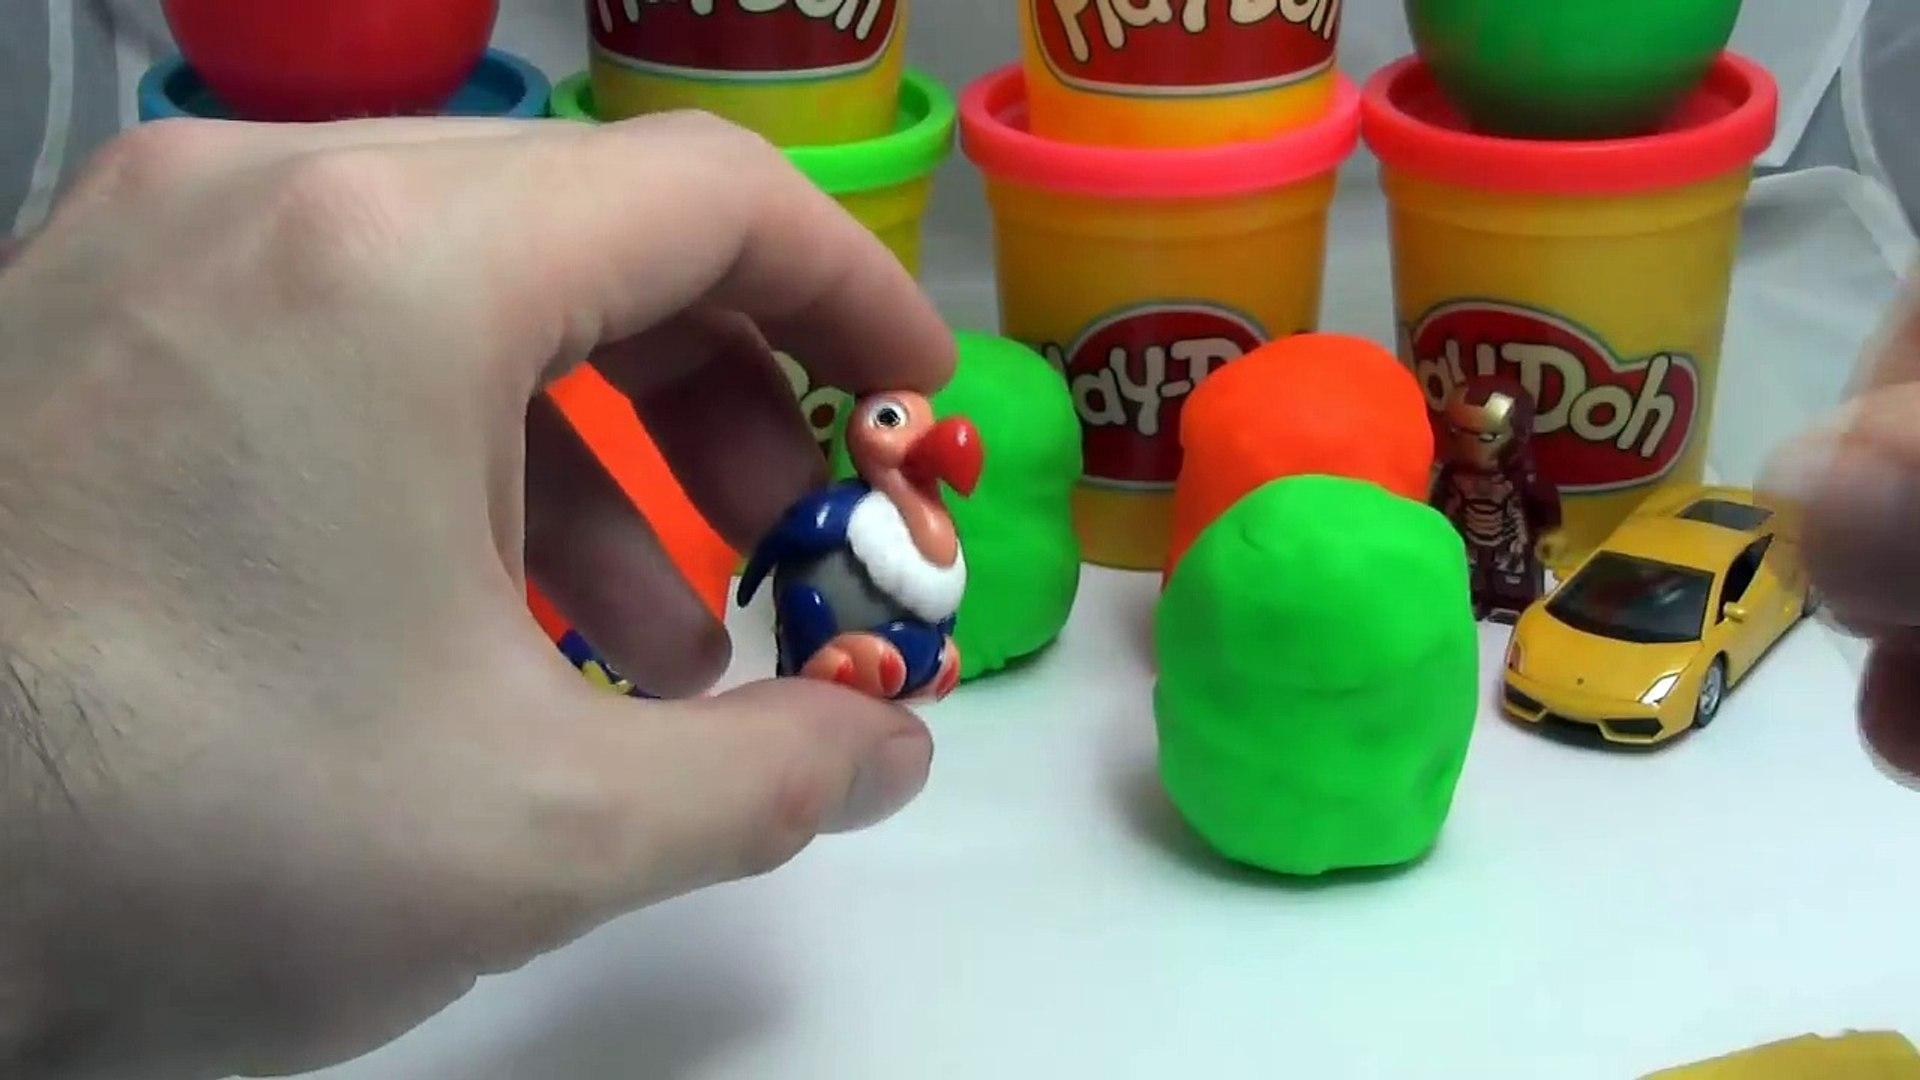 Коллекция Киндер сюрприз - игрушки из 90-х и пластилин Play-doh. Angry Birds 90-х [Видео для детей]